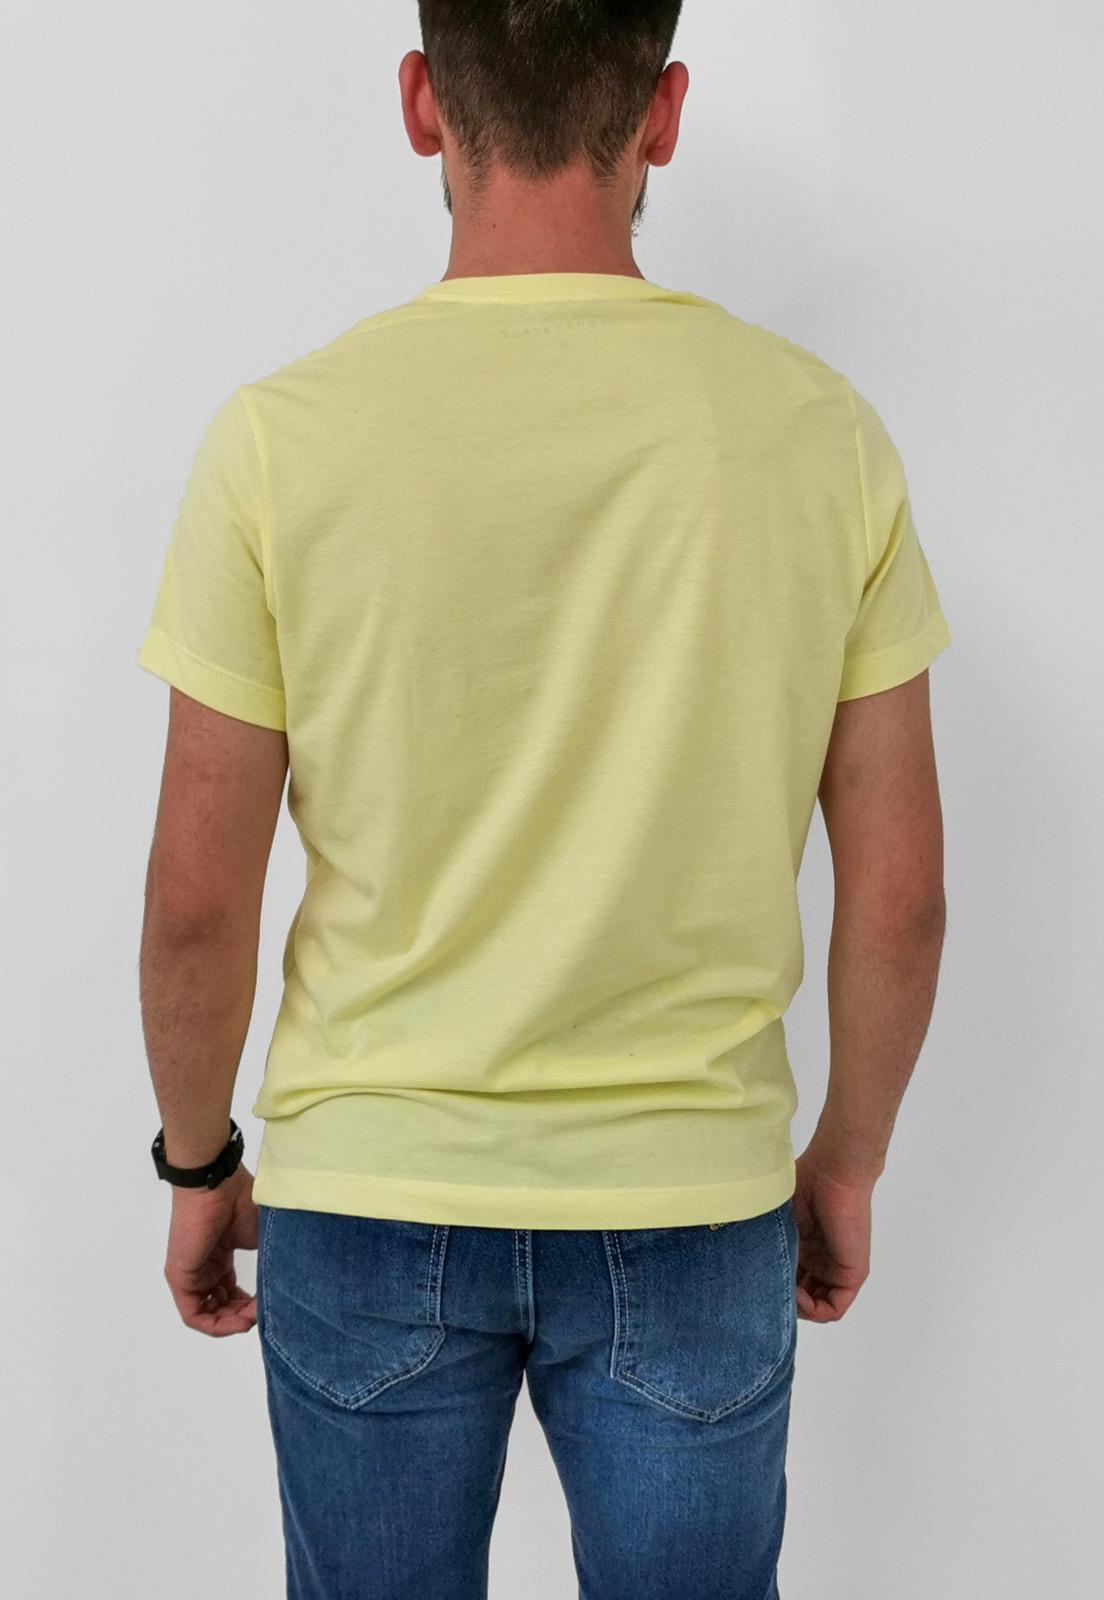 Camiseta Aéropostale Amarelo